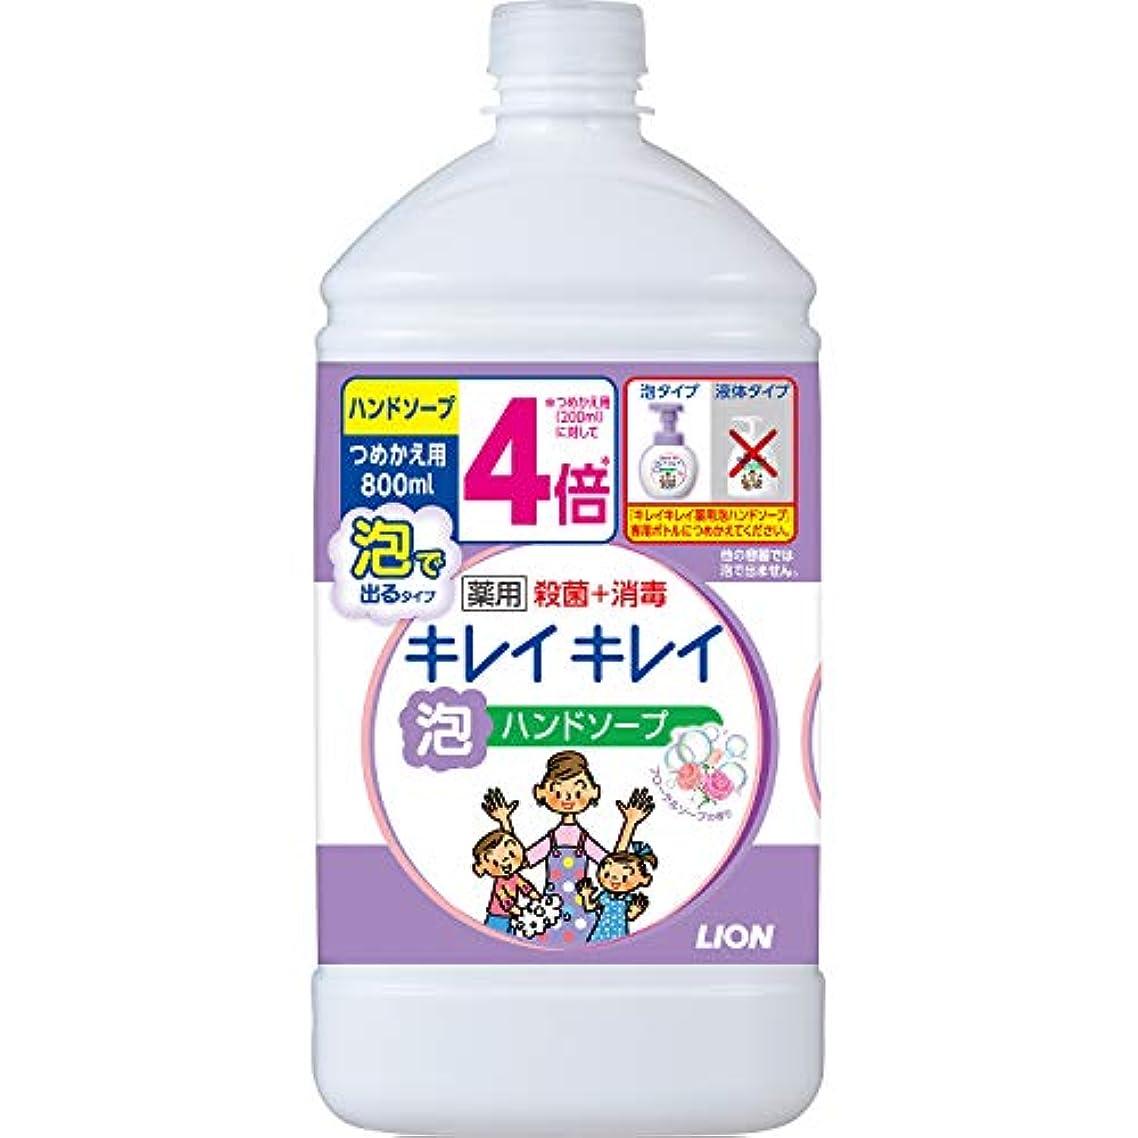 後そうパワーセル(医薬部外品)【大容量】キレイキレイ 薬用 泡ハンドソープ フローラルソープの香り 詰め替え 特大 800ml